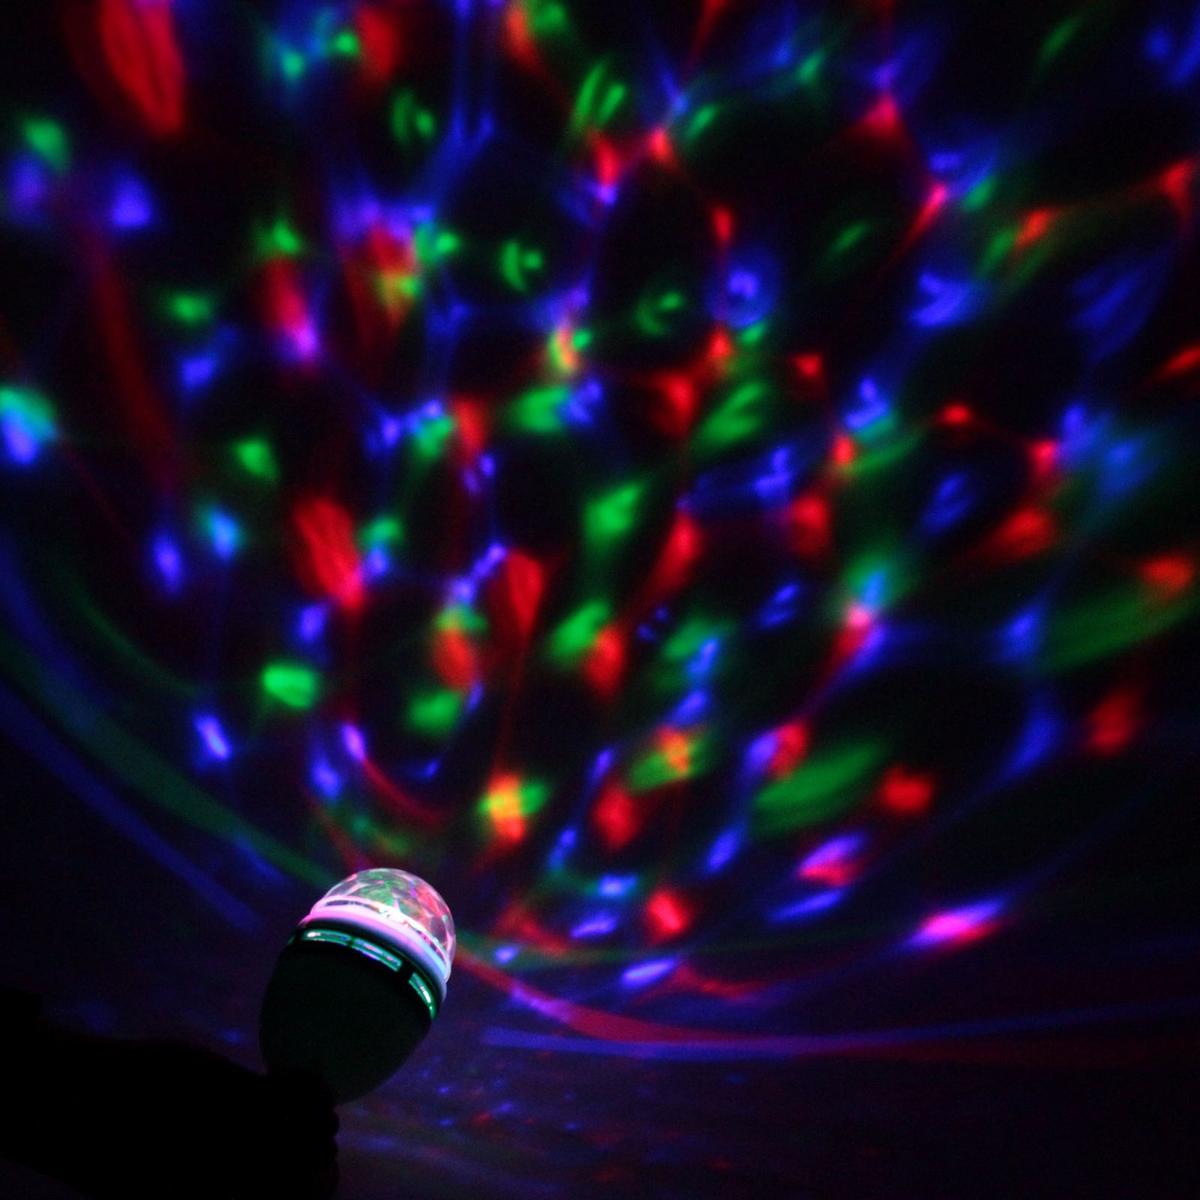 Лампа Luazon Хрустальный шар, диаметр 8 см, с подвесом, V220867653Светодиодные гирлянды, ленты и т.д — это отличный вариант для новогоднего оформления интерьера или фасада. С их помощью помещение любого размера можно превратить в праздничный зал, а внешние элементы зданий, украшенные ими, мгновенно станут напоминать очертания сказочного дворца. Такие украшения создают ауру предвкушения чуда. Деревья, фасады, витрины, окна и арки будто специально созданы, чтобы вы украсили их светящимися нитями.